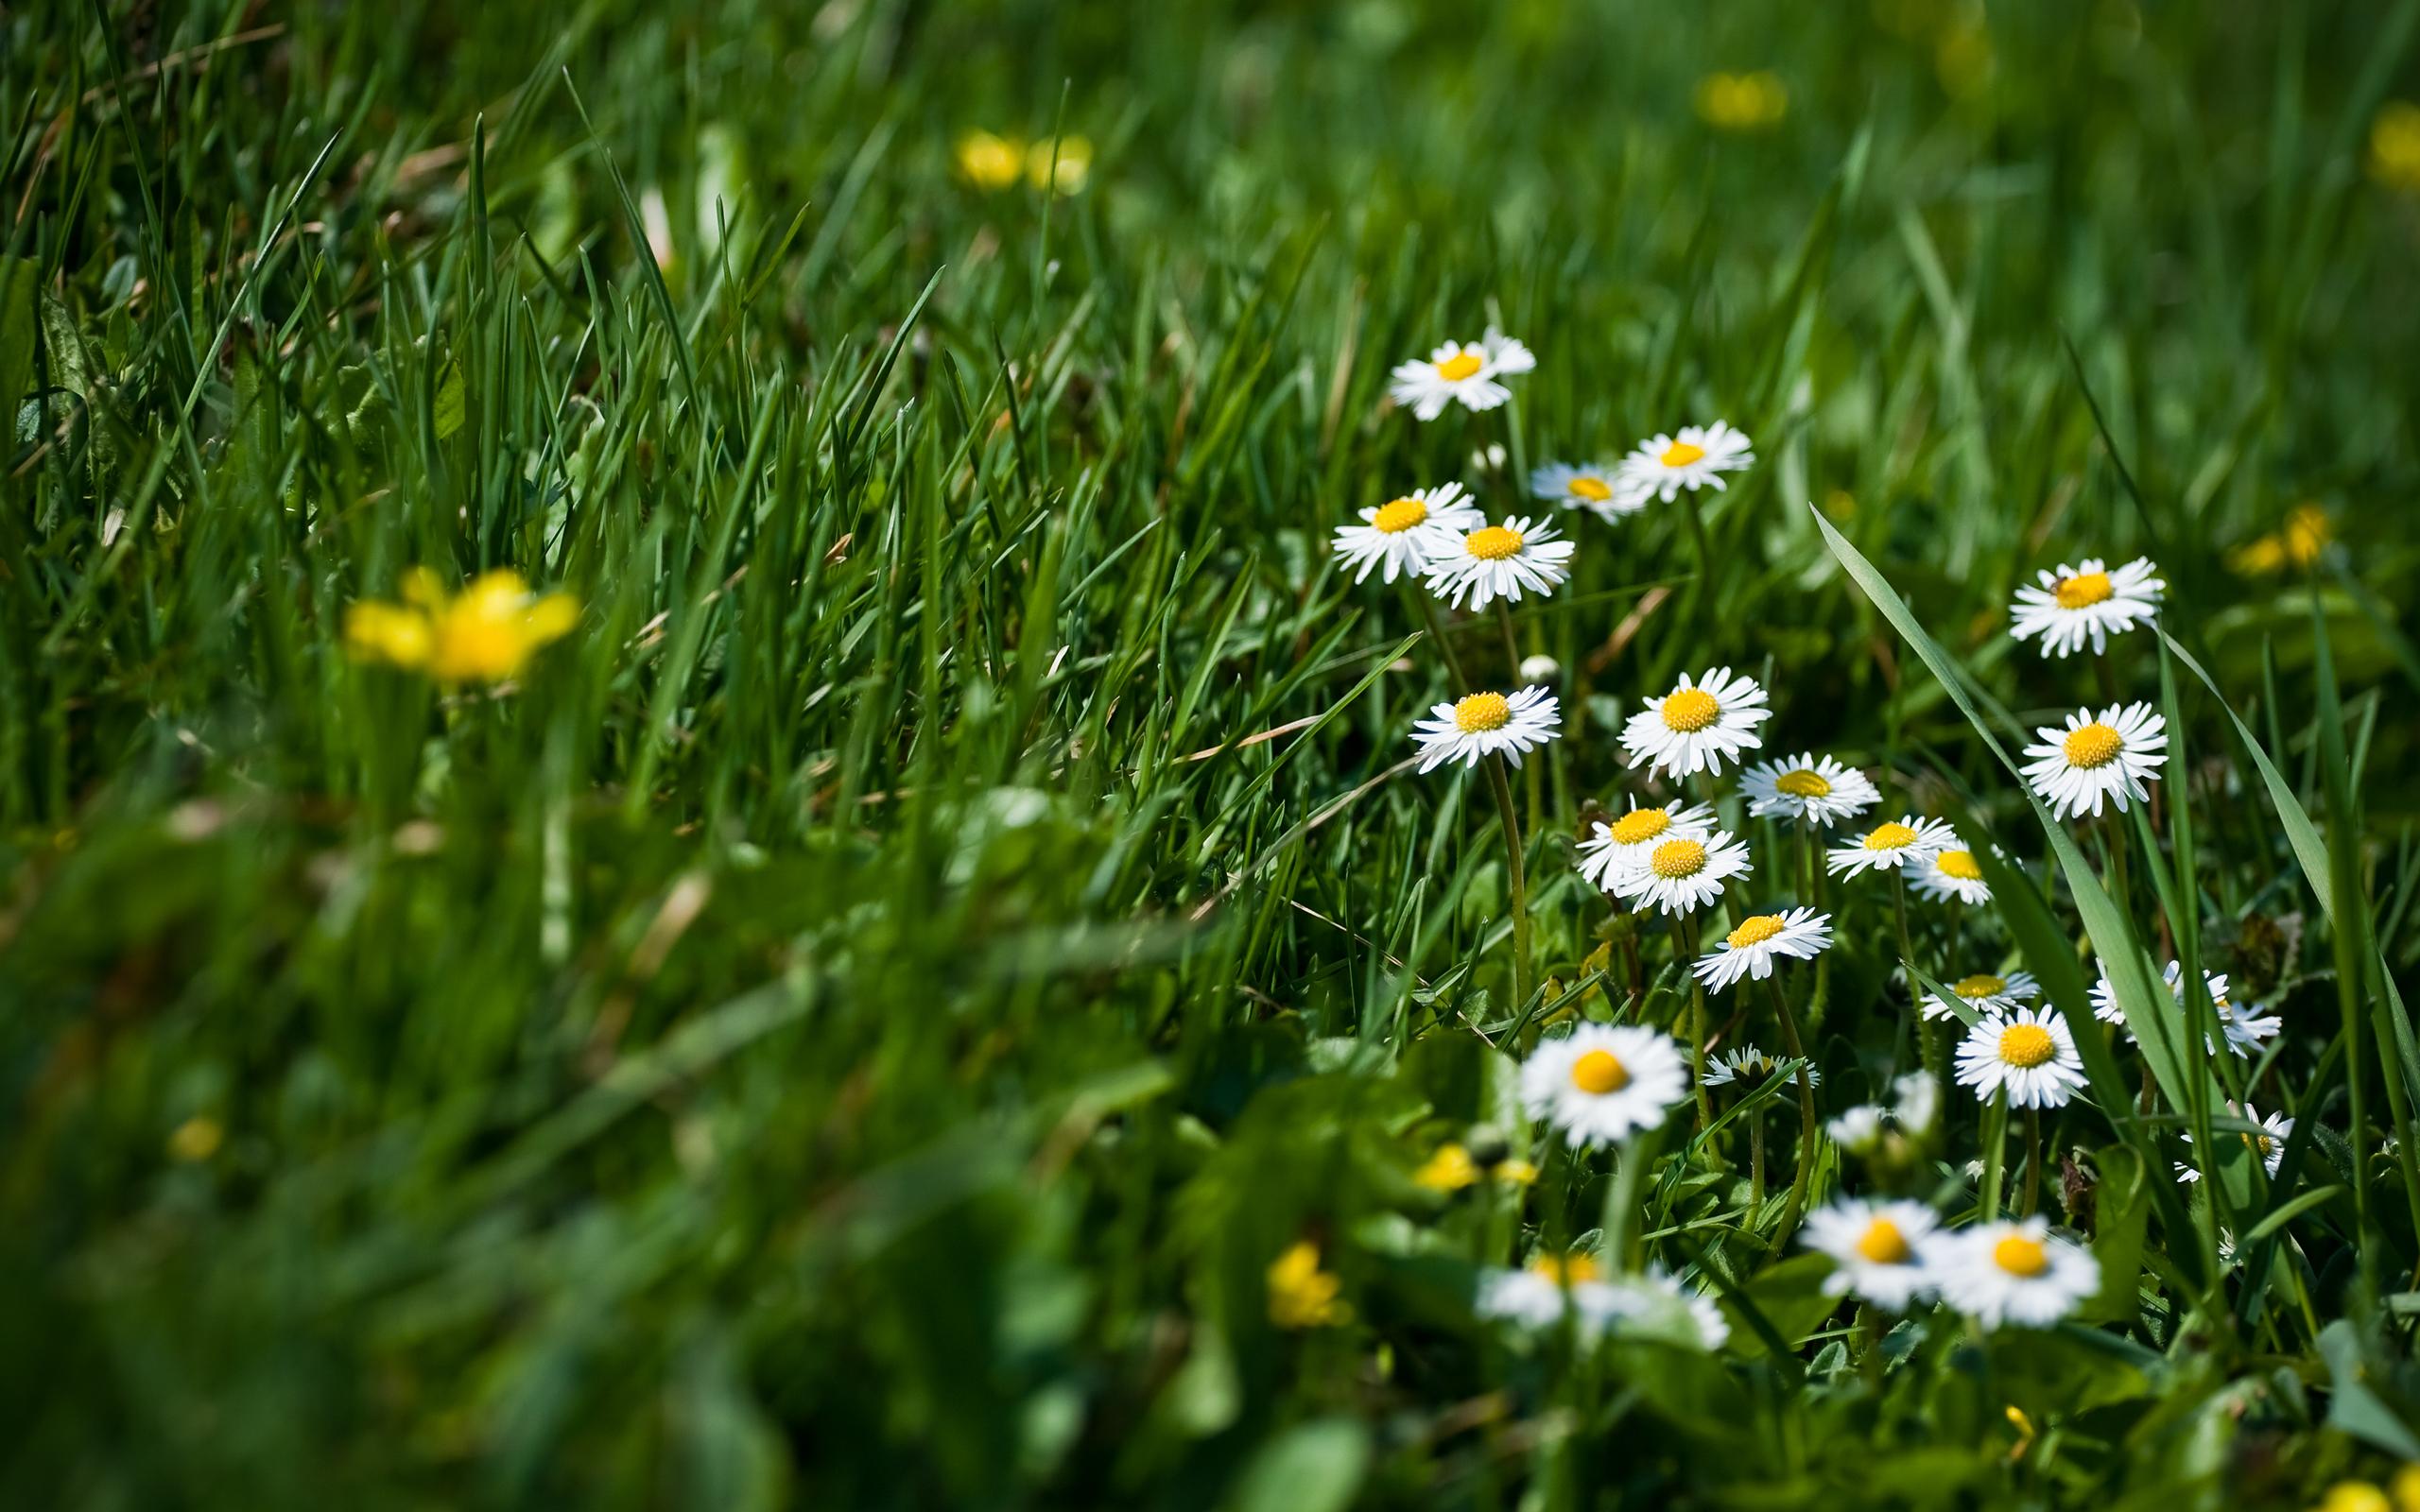 цветы трава поляна скачать